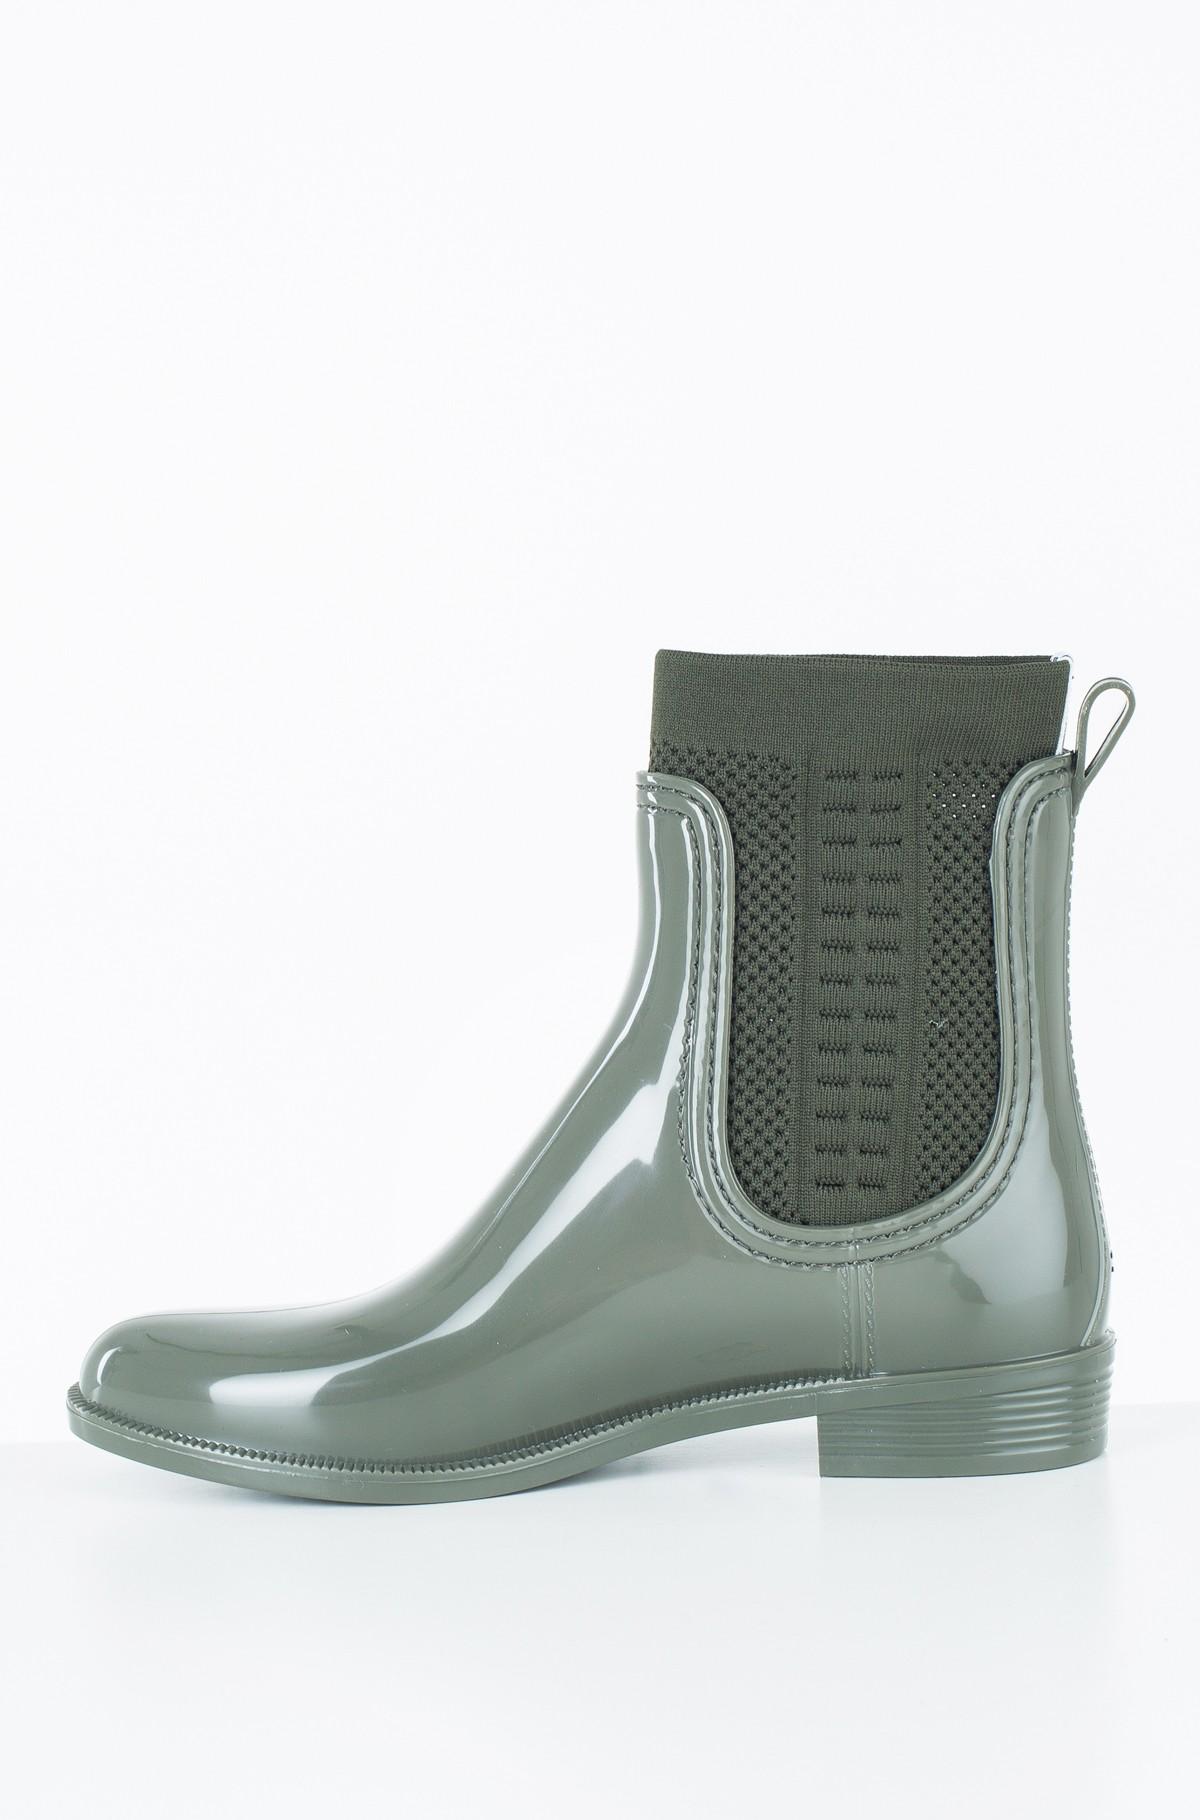 Guminiai batai TOMMY KNIT RAIN BOOT-full-2